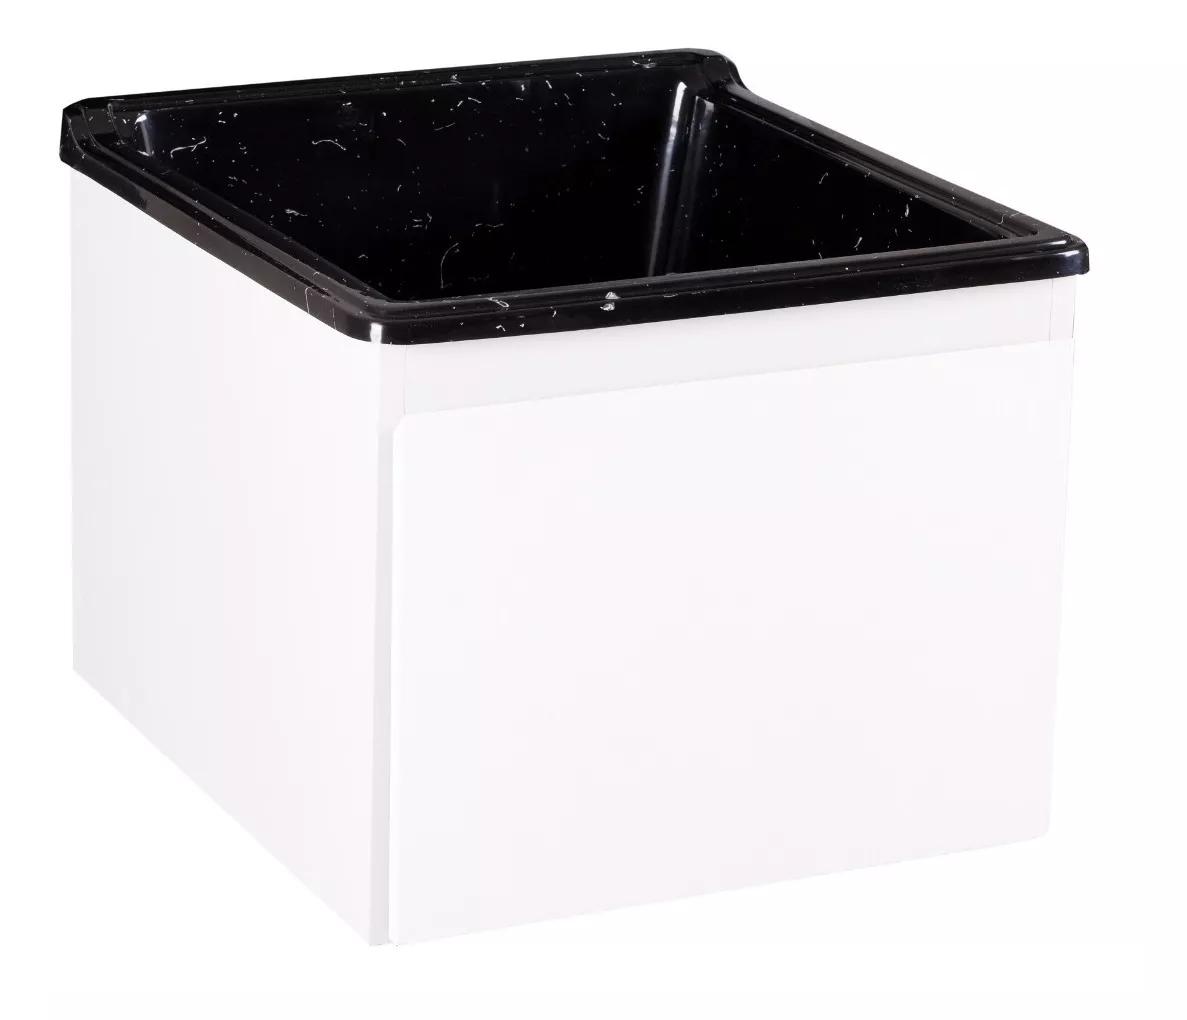 Tanque Com Gabinete 1 Porta 40x30 fibra